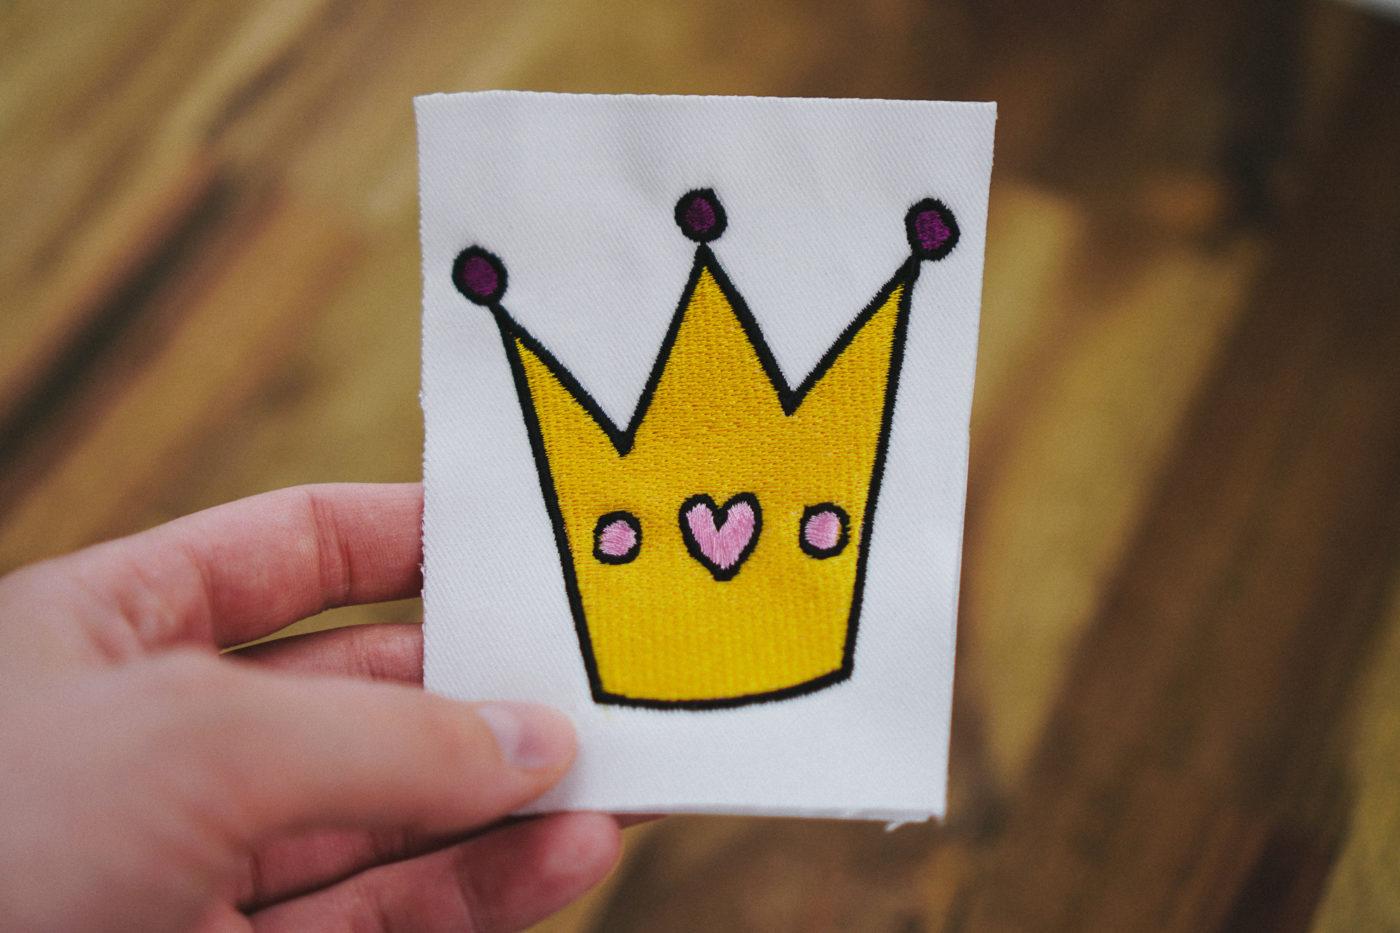 Stickdatei Prinzessin Krone (Anwendungsbeispiel) stickdatei krone Prinzessinnen-Krone 👑 stickdatei prinzessin krone 03 1400x933